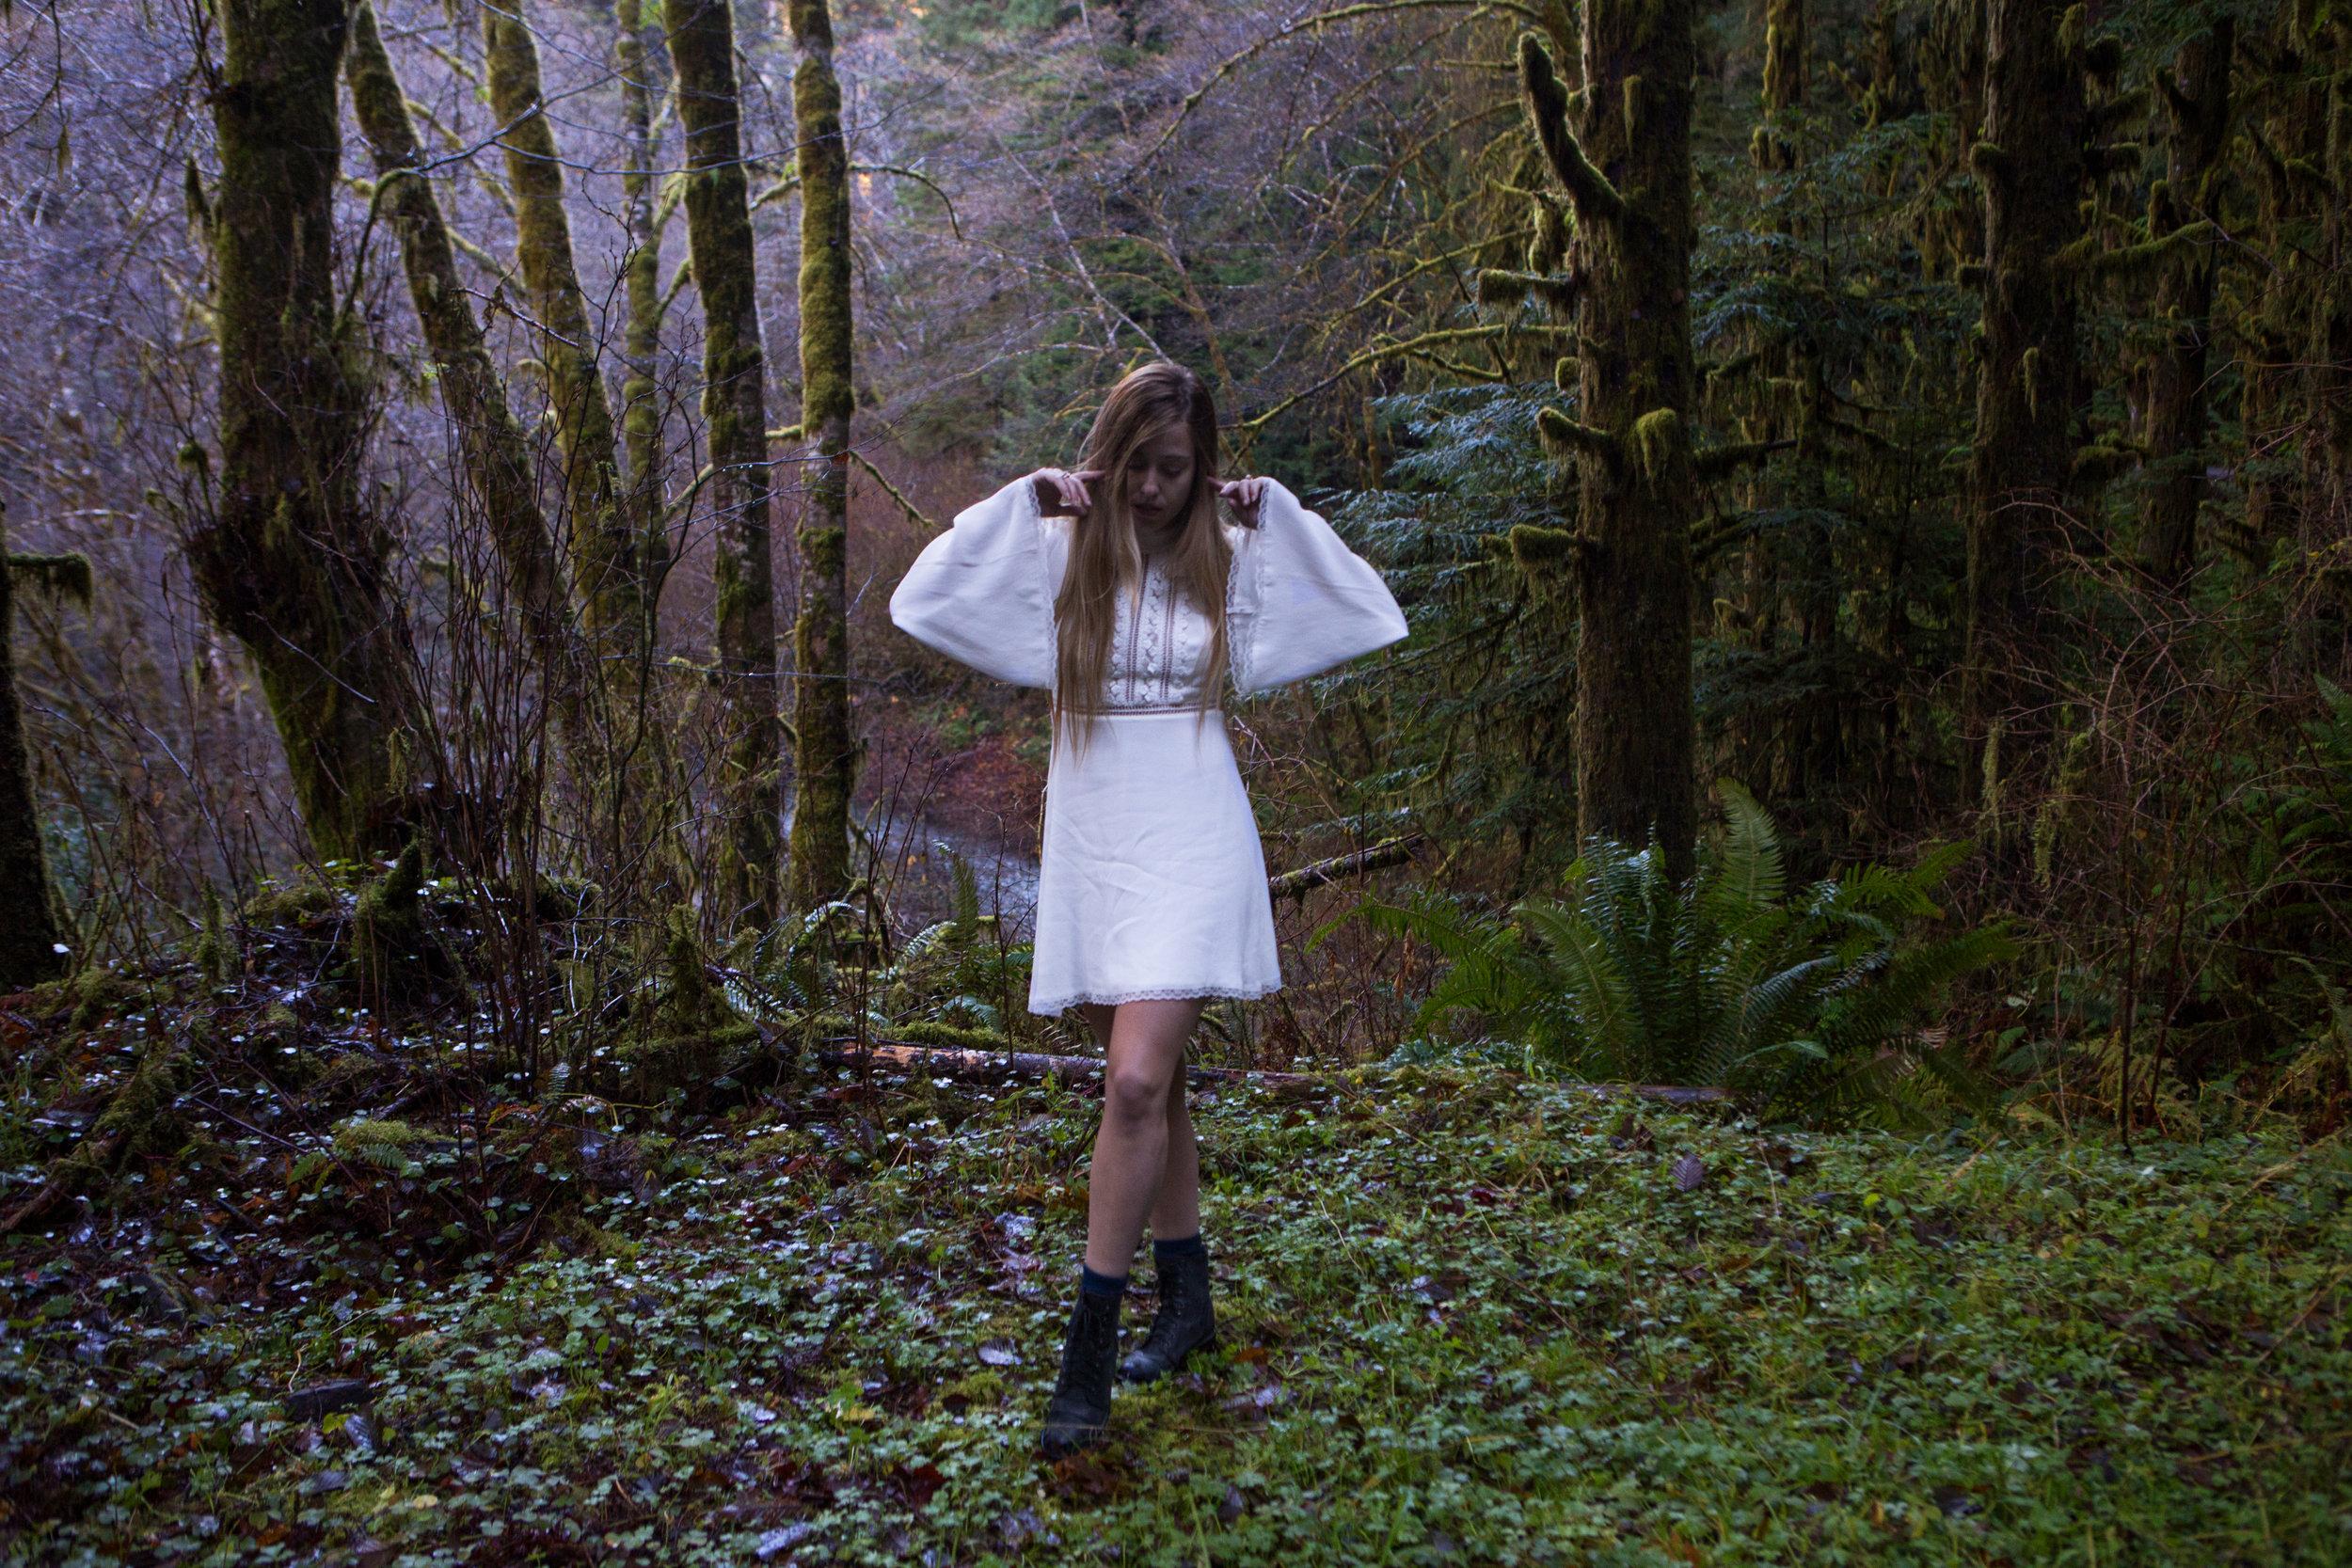 AstroBandit_ForLoveandLemons_Redwoods_PrairieCreek_WhiteDress_8.jpg